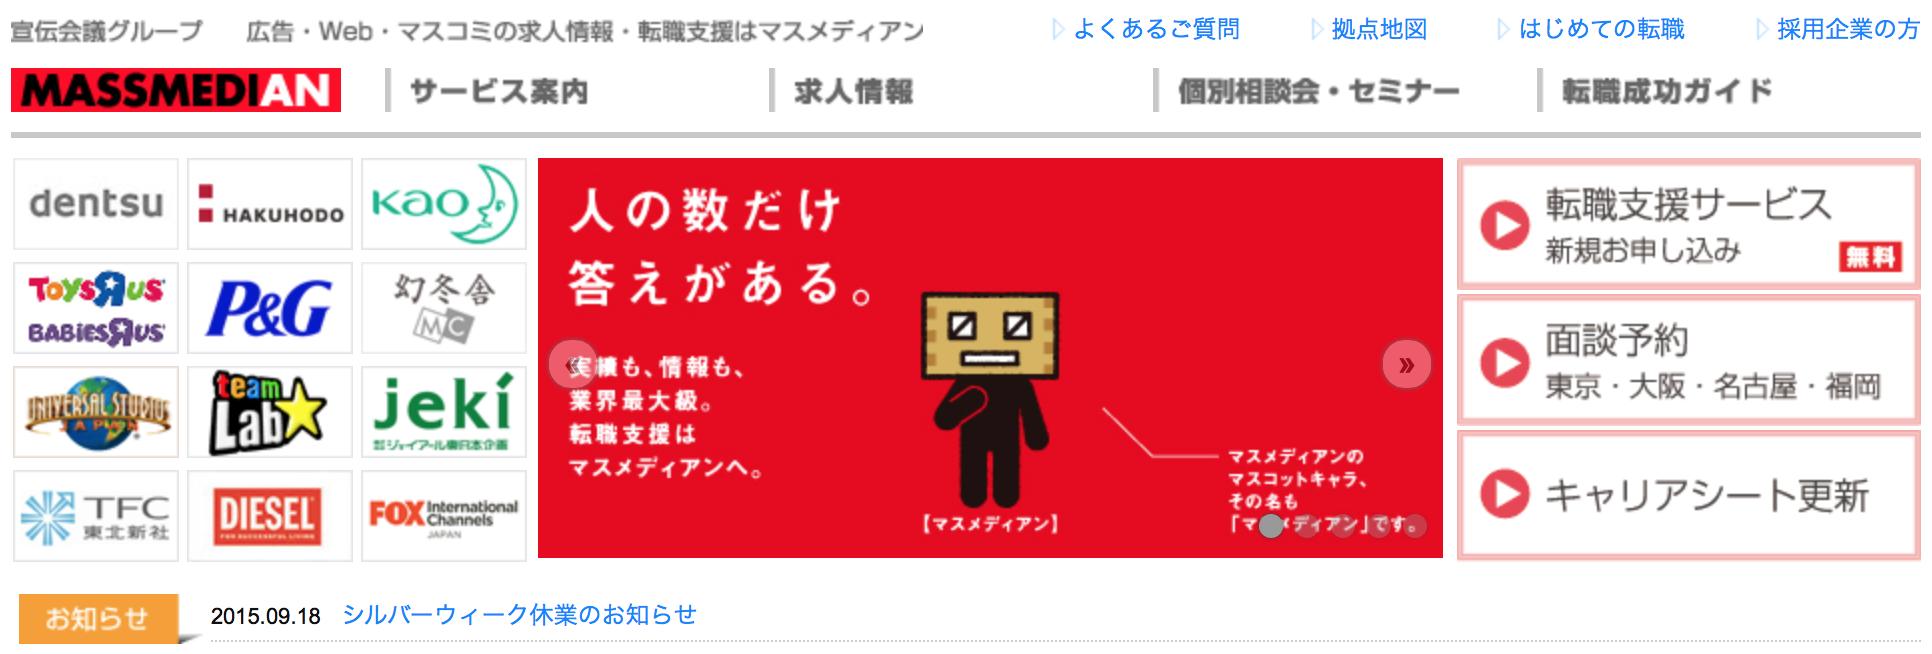 スクリーンショット 2015-09-21 15.47.38